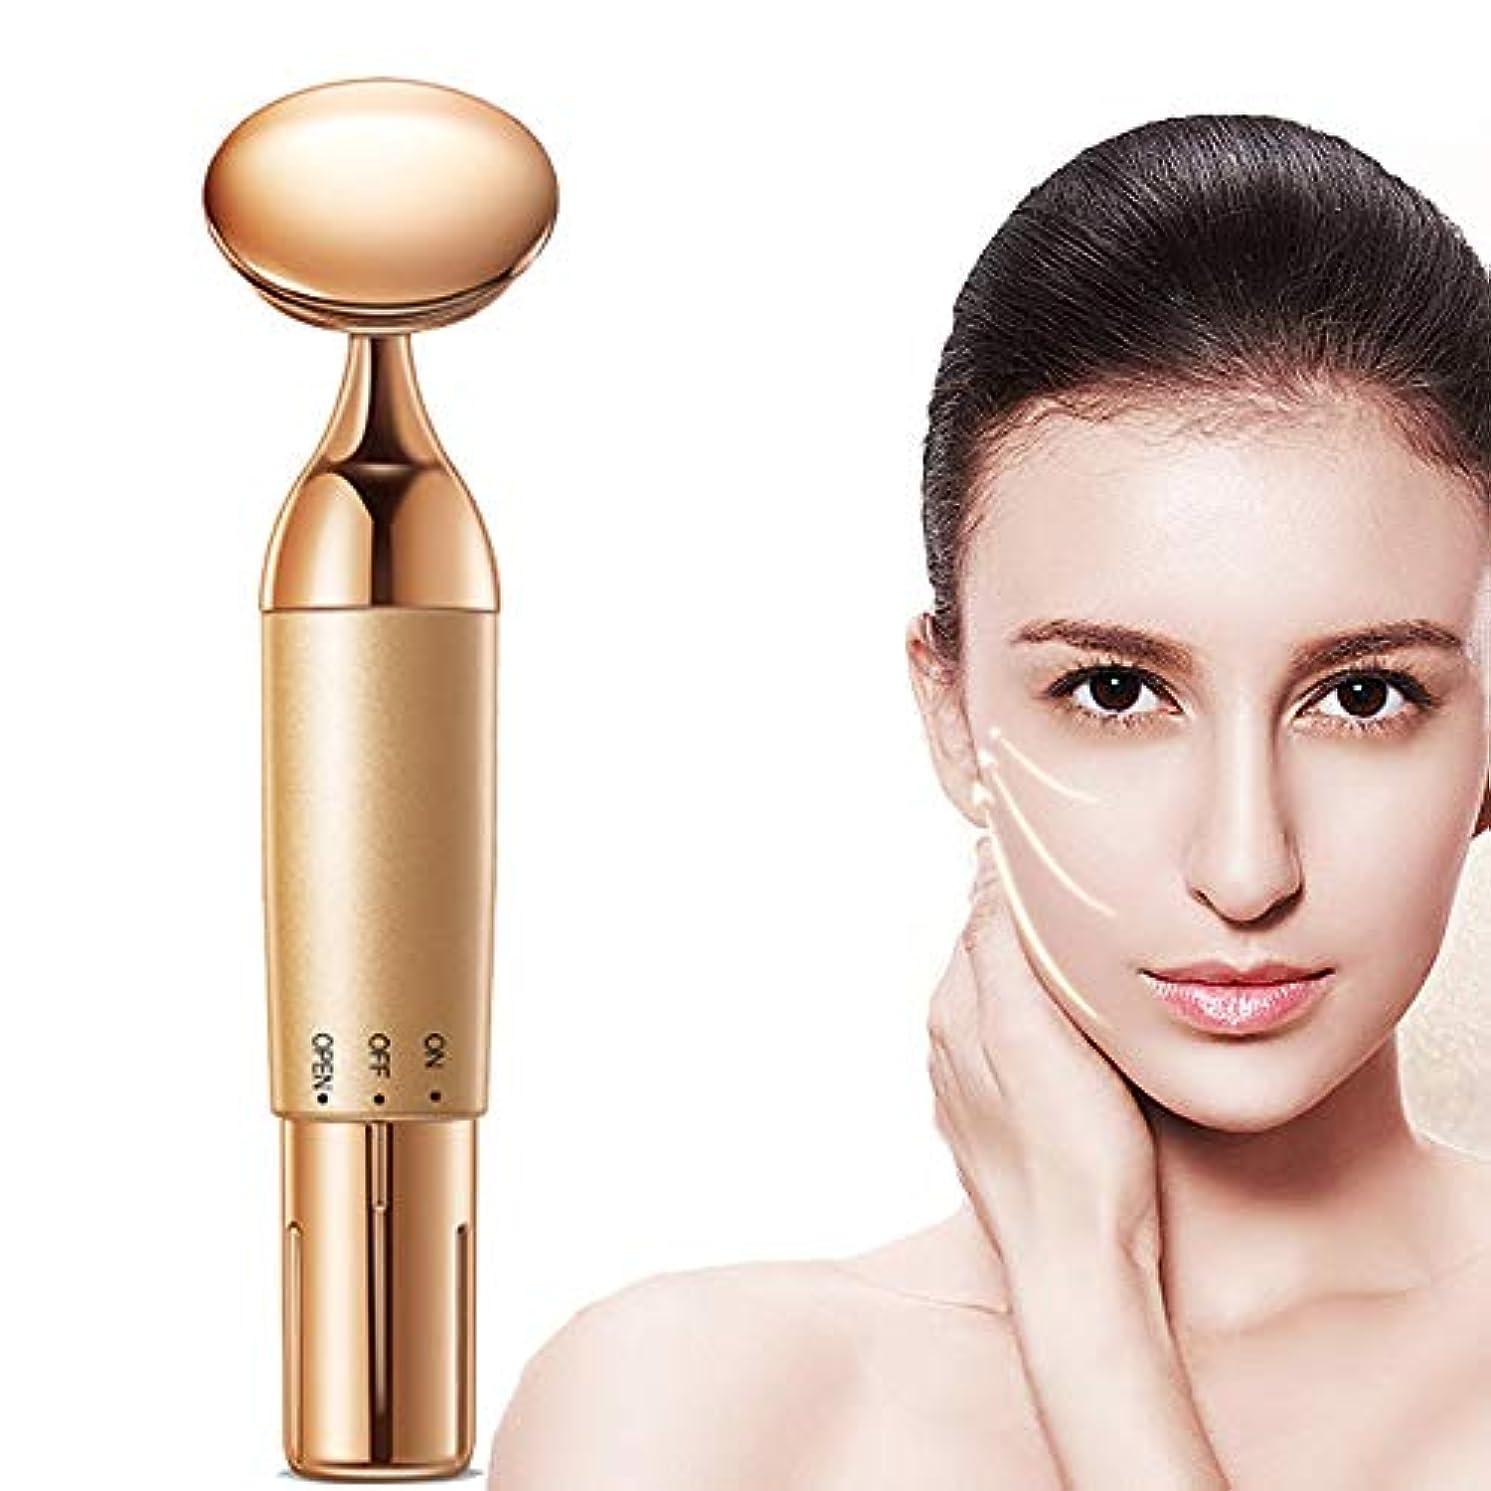 気を散らす狂った休日にRF lifting device Facial beauty massager facial lifting firming wrinkle removal eye bags roller